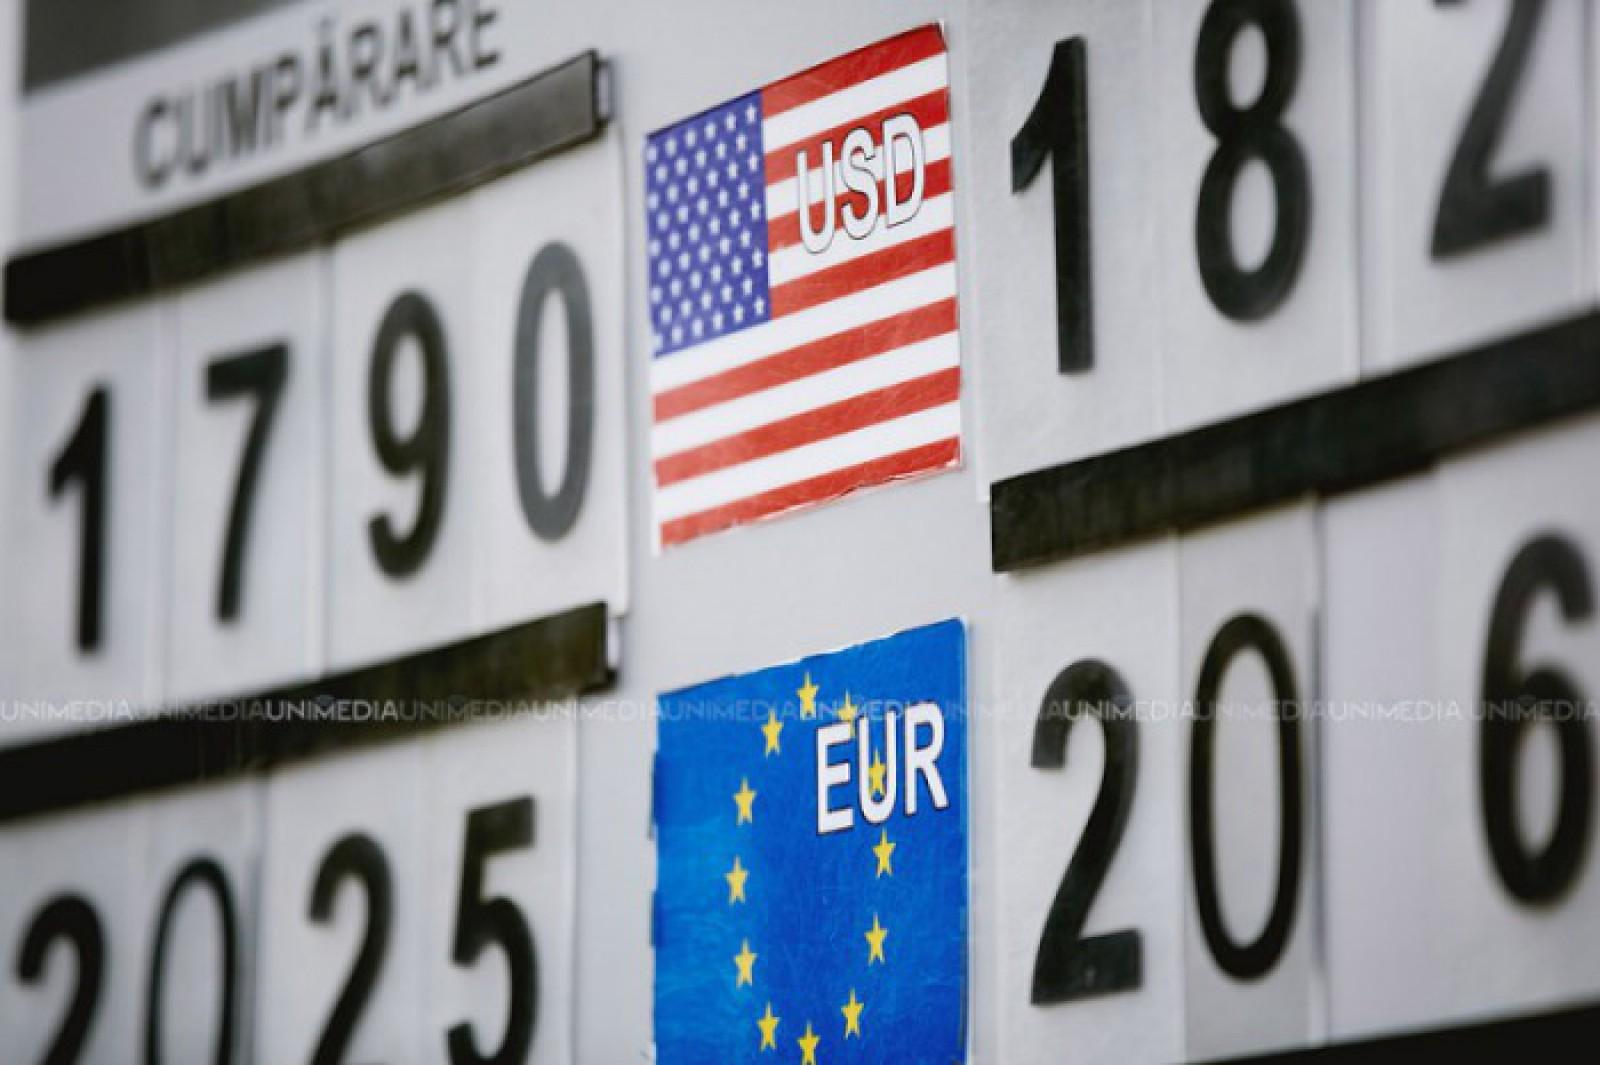 Curs valutar: Euro crește cu 10 bani în fața leului moldovenesc